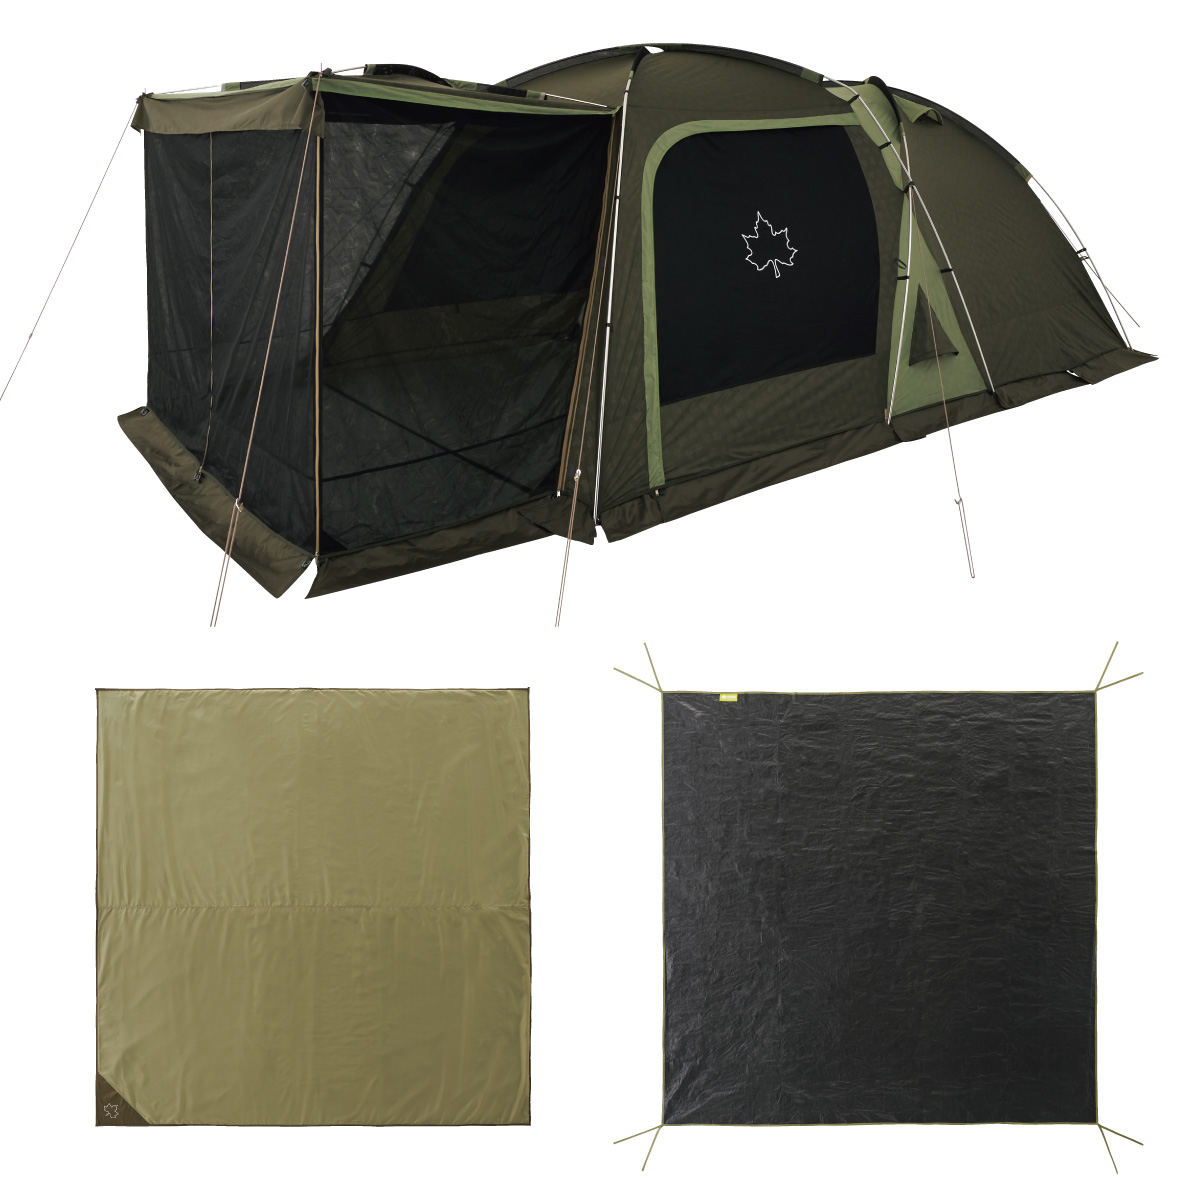 ロゴス(LOGOS) キャンプ用テント(3~5人用) neos 3ルームドゥーブル XL-BJチャレンジセット 71809559 テント タープ キャンプ用テント キャンプ アウトドア